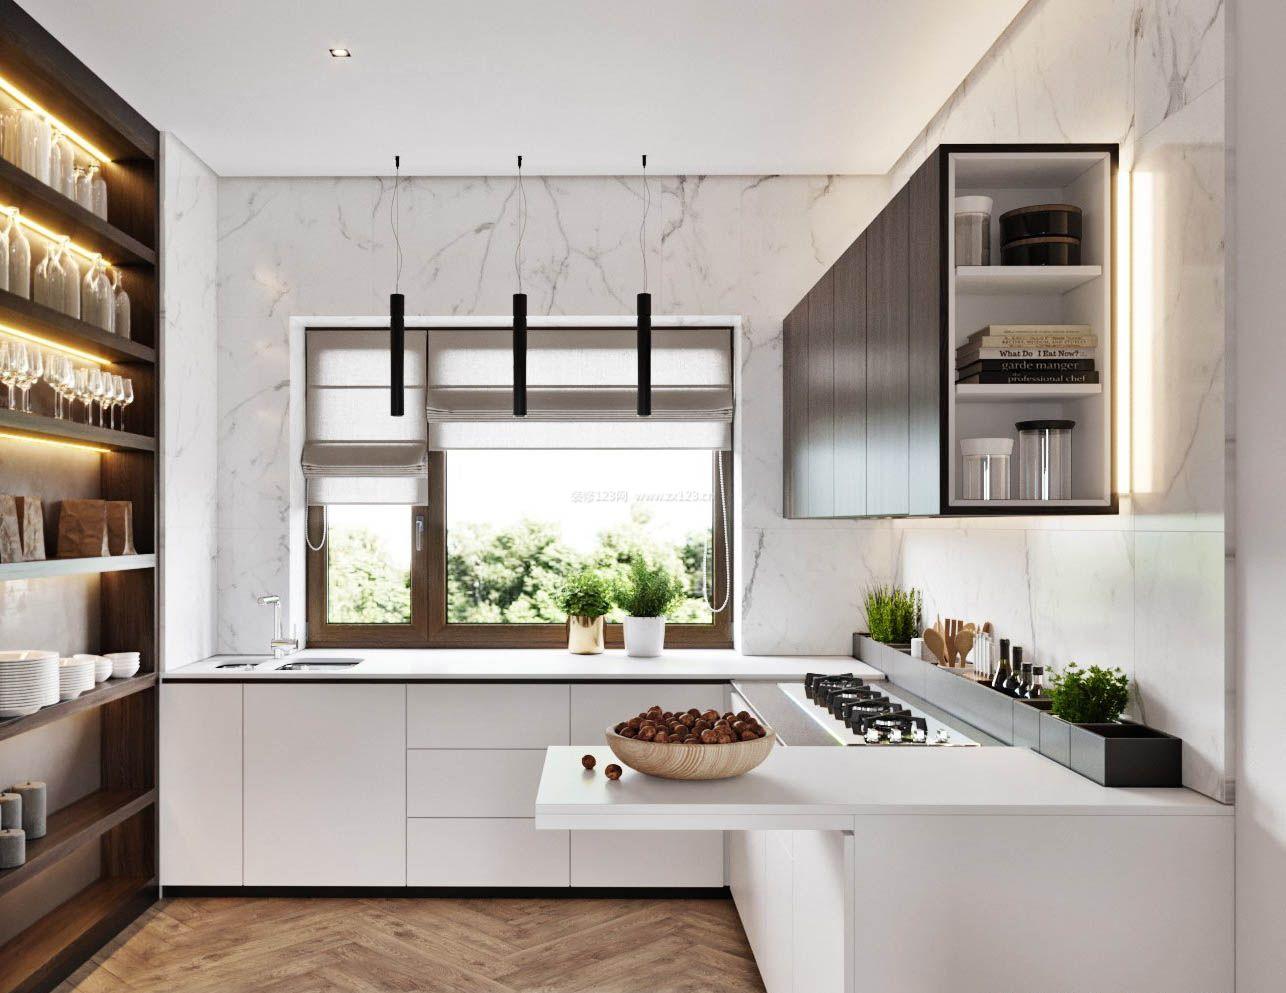 2017极简厨房室内地板贴图欣赏